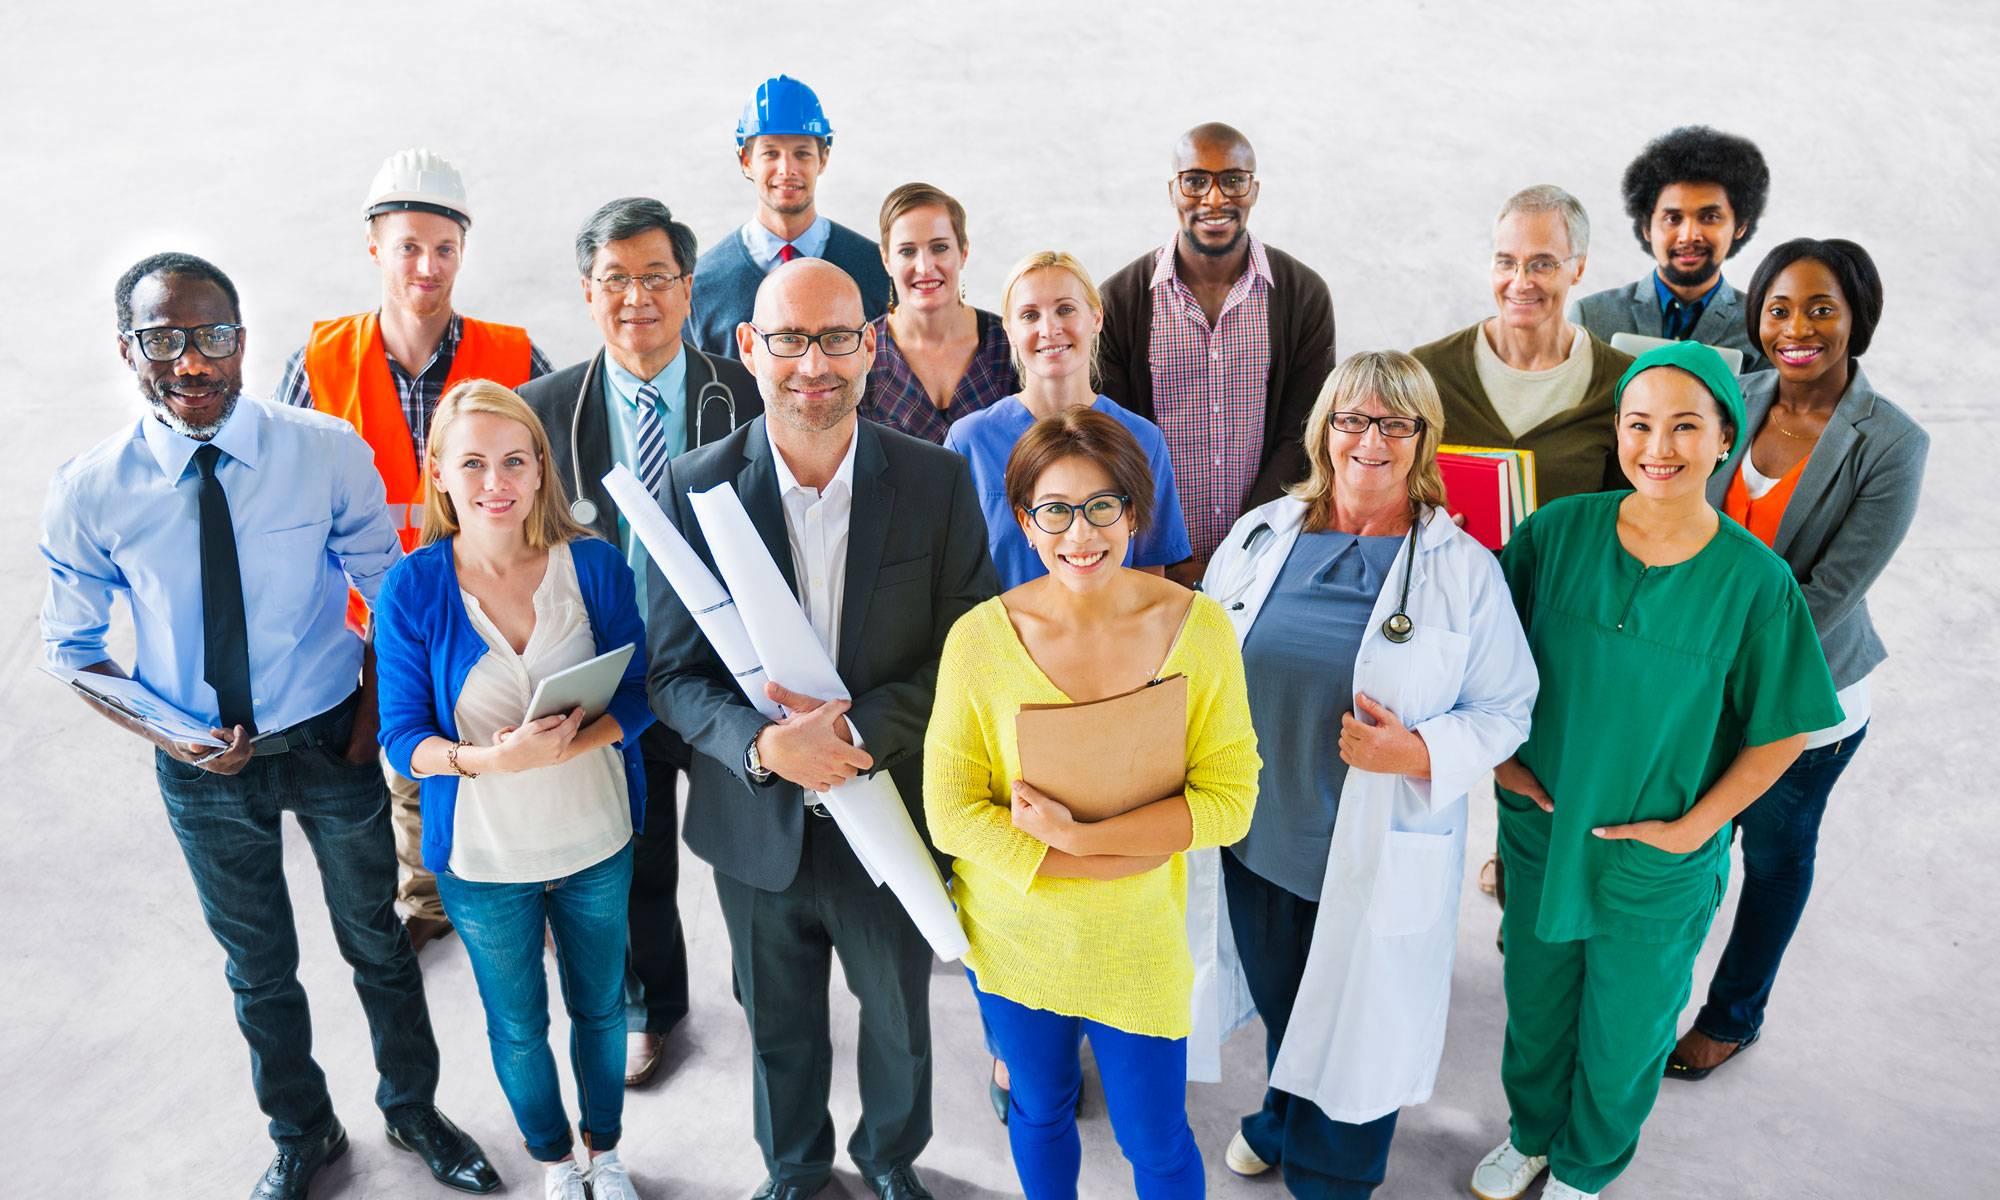 Работа в финляндии: вакансии и зарплаты